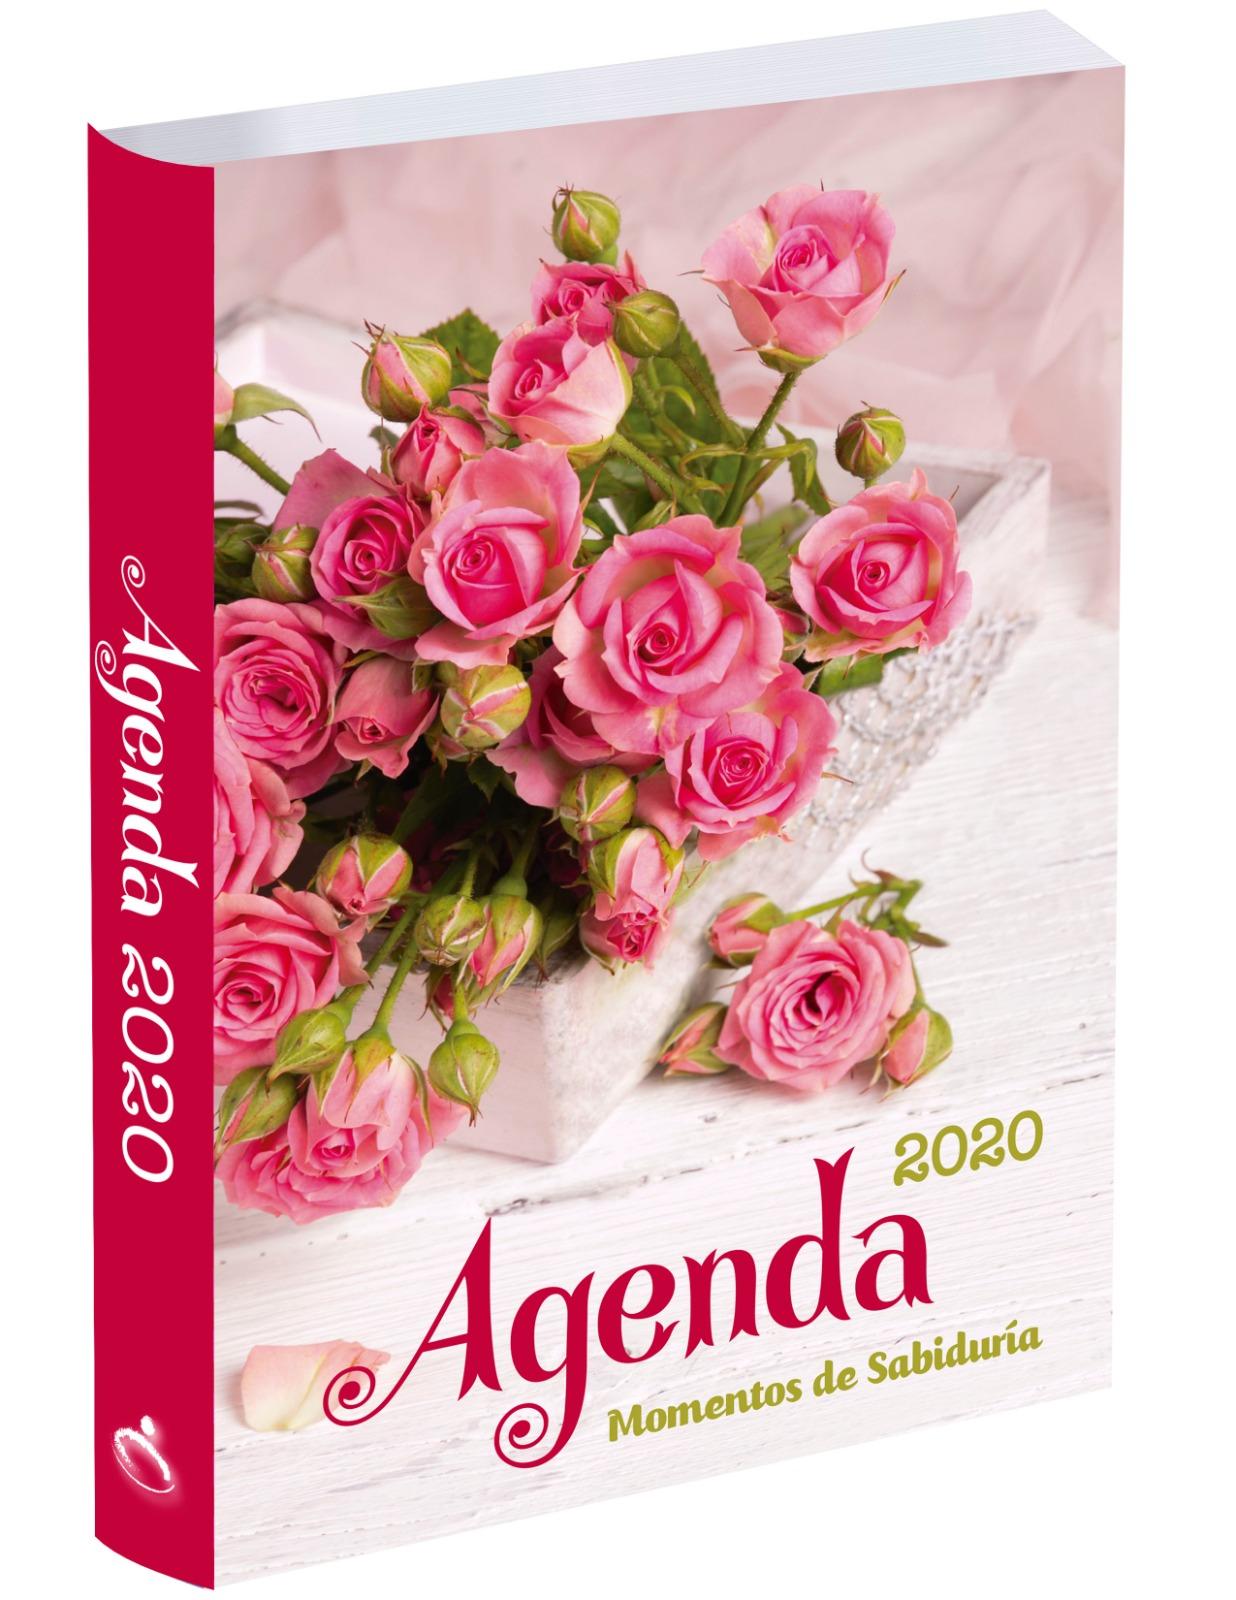 AGENDA 2020 ROSAS